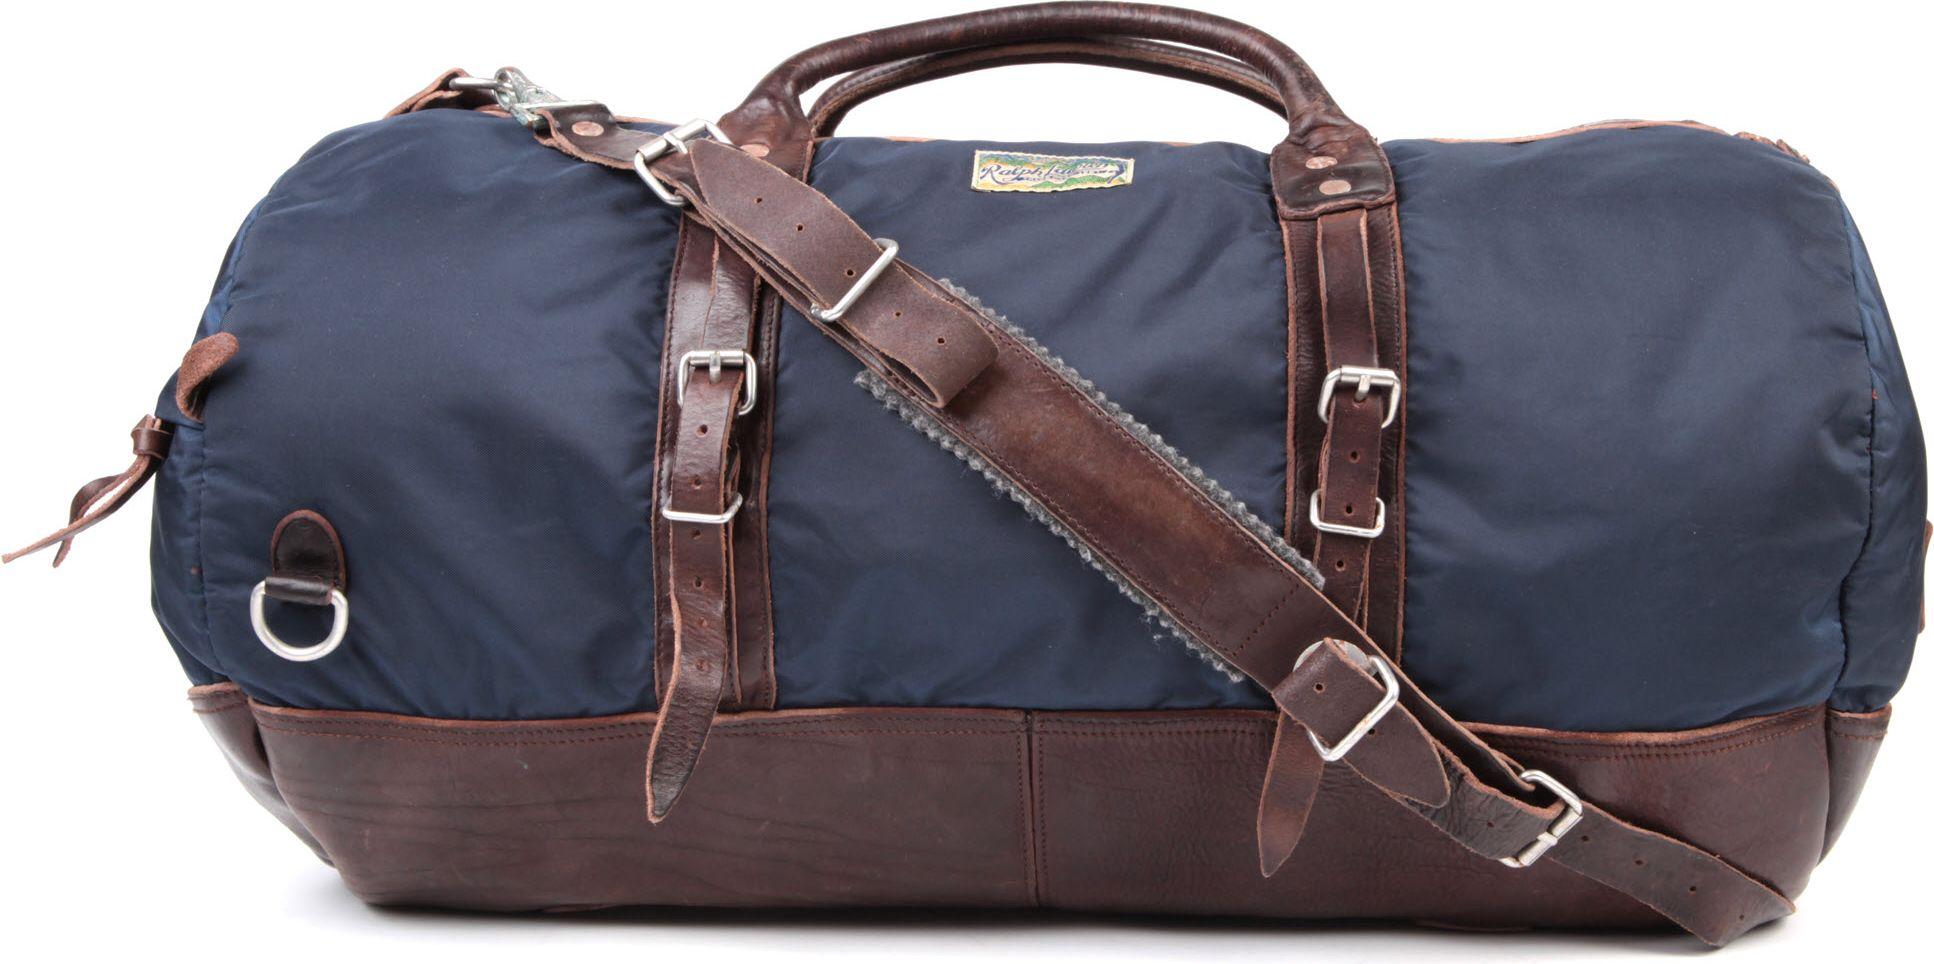 5b29457523 ... low cost ralph lauren yosemite bag ralph lauren yosemite bag 3ae18 f138b